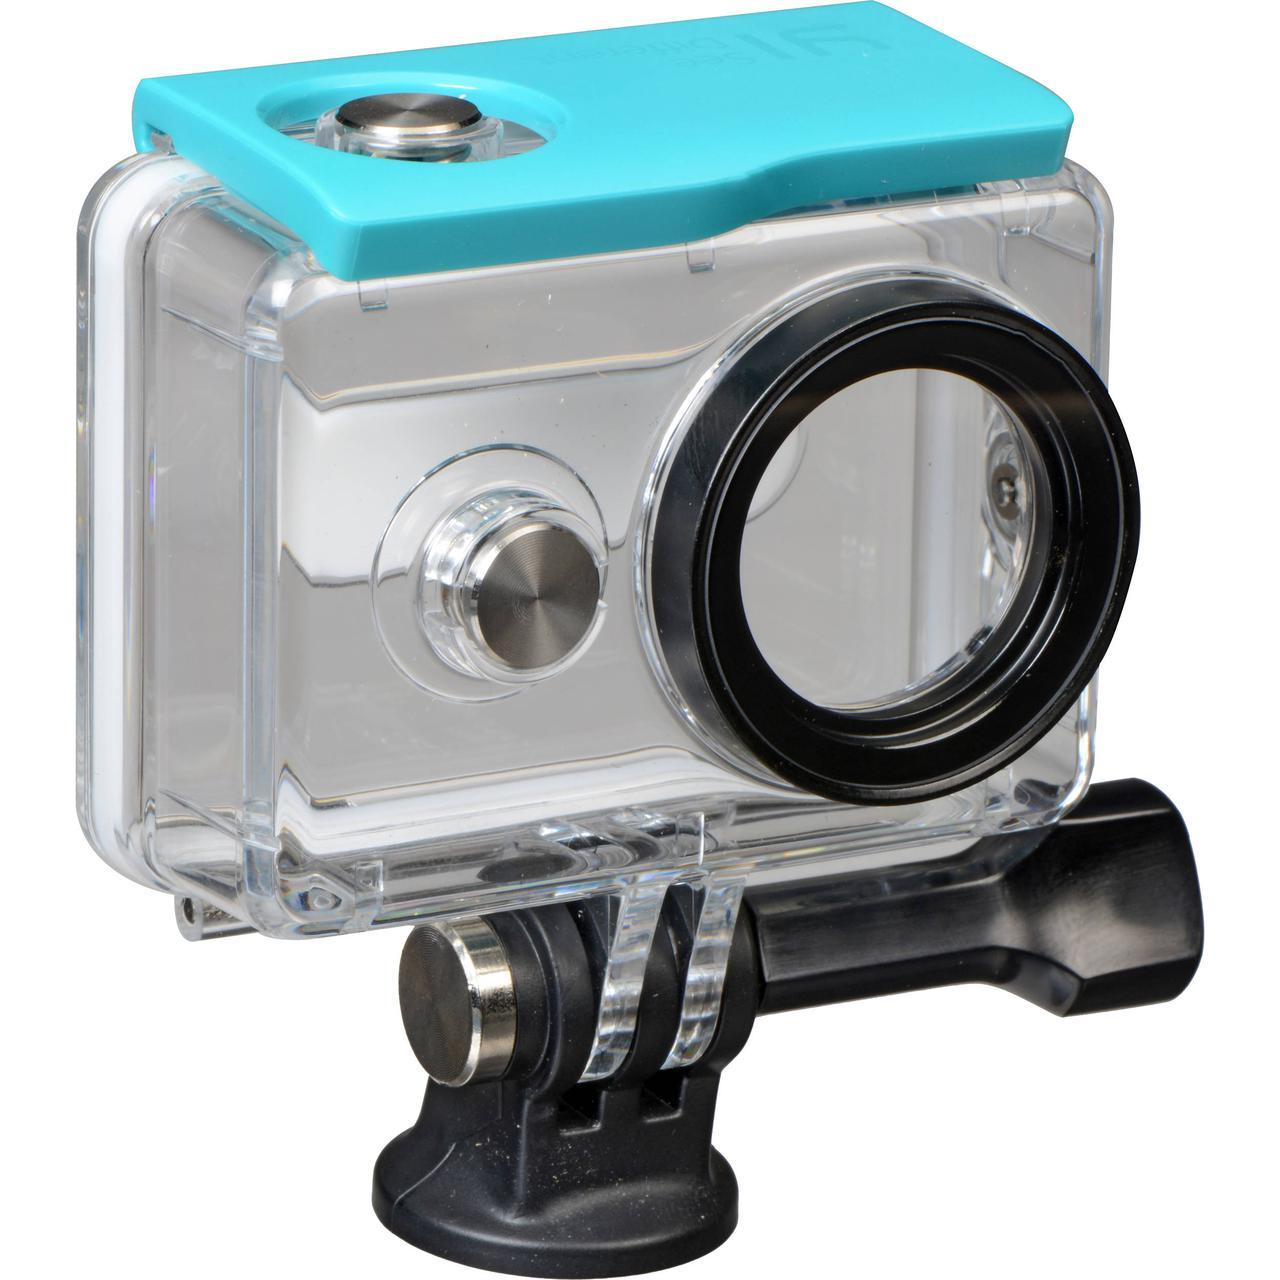 Защитный бокс для экшн-камеры Xiaomi YI водонепроницаемый кейс